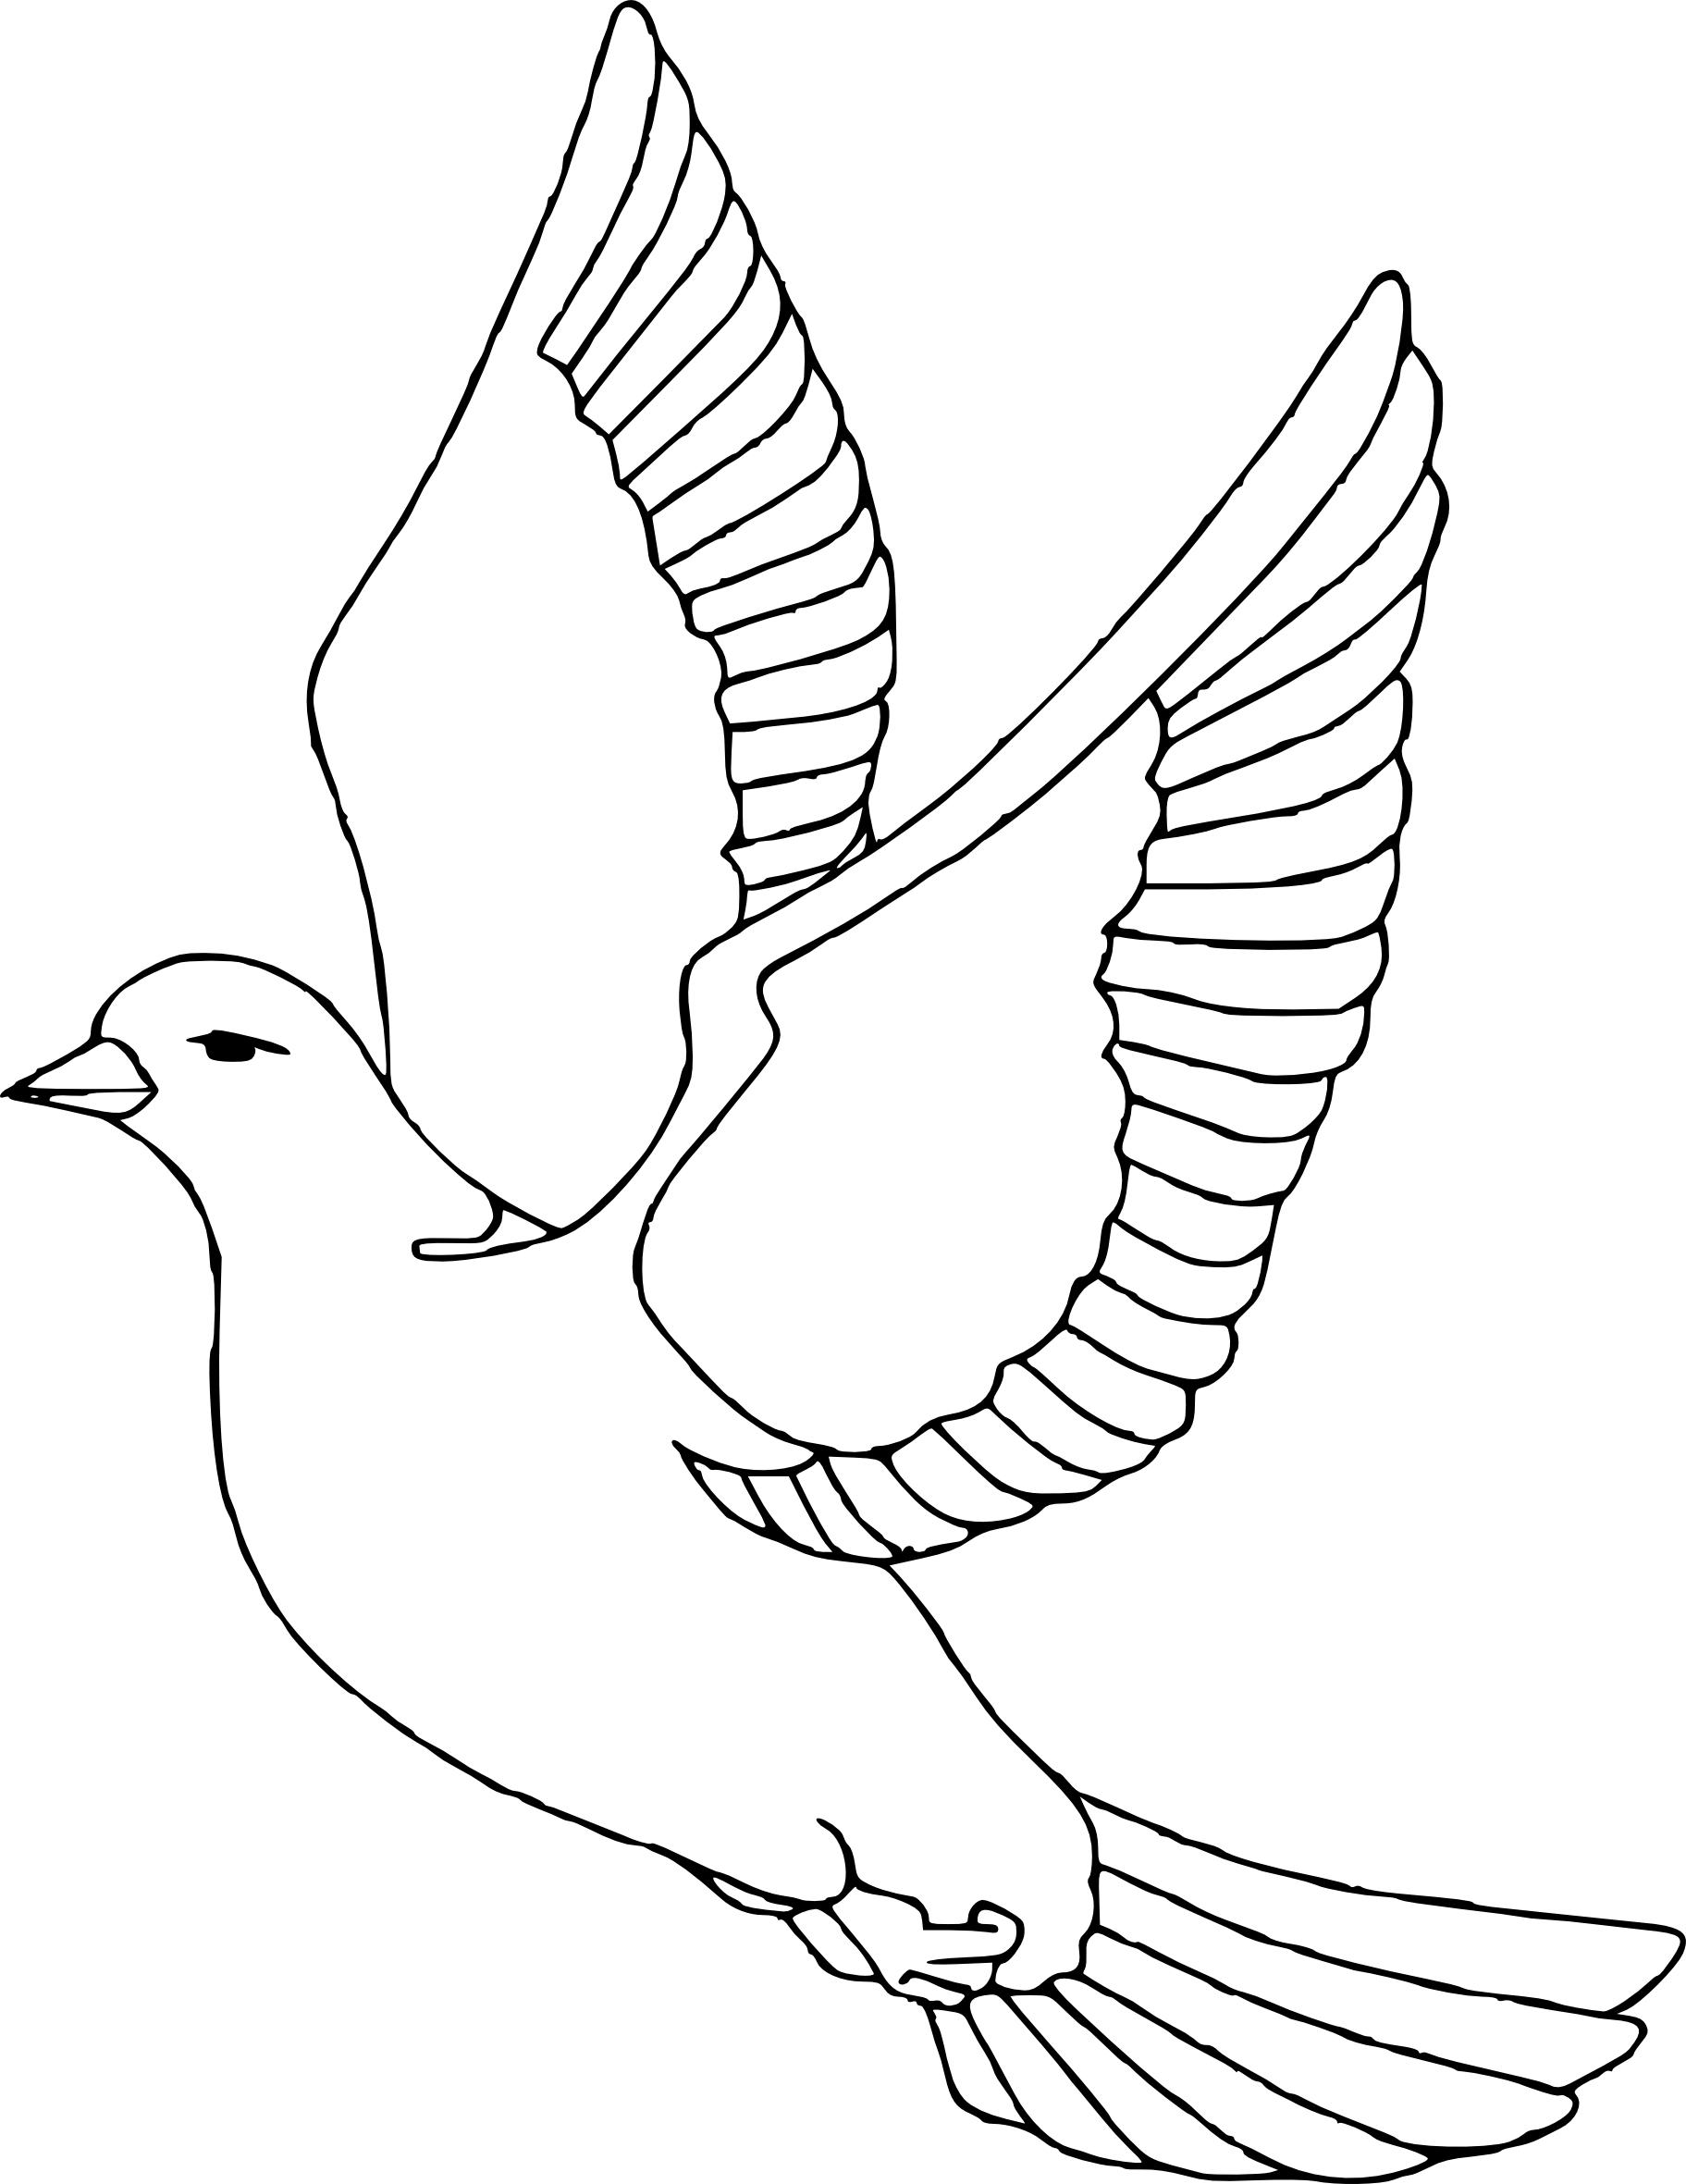 Coloriage la colombe oiseau à imprimer et colorier